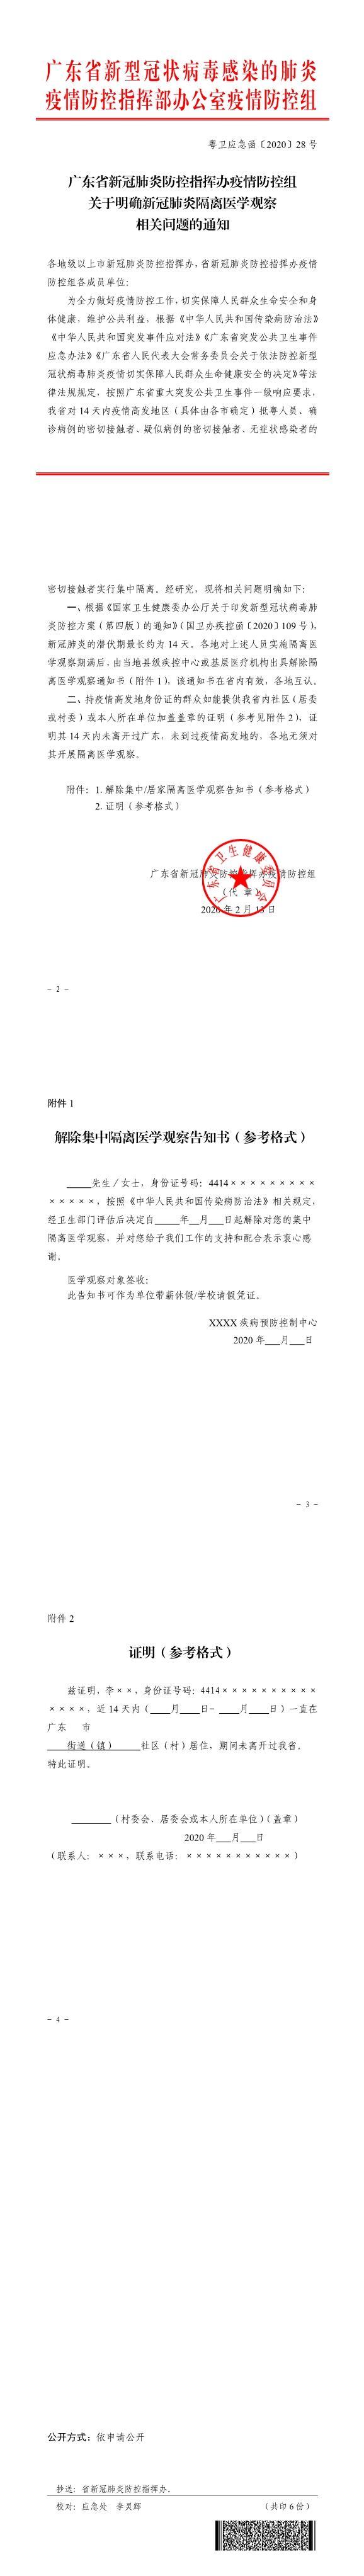 广东省新冠肺炎防控指挥办疫情防控组关于明确新冠肺炎隔离医学观察相关问题的通知